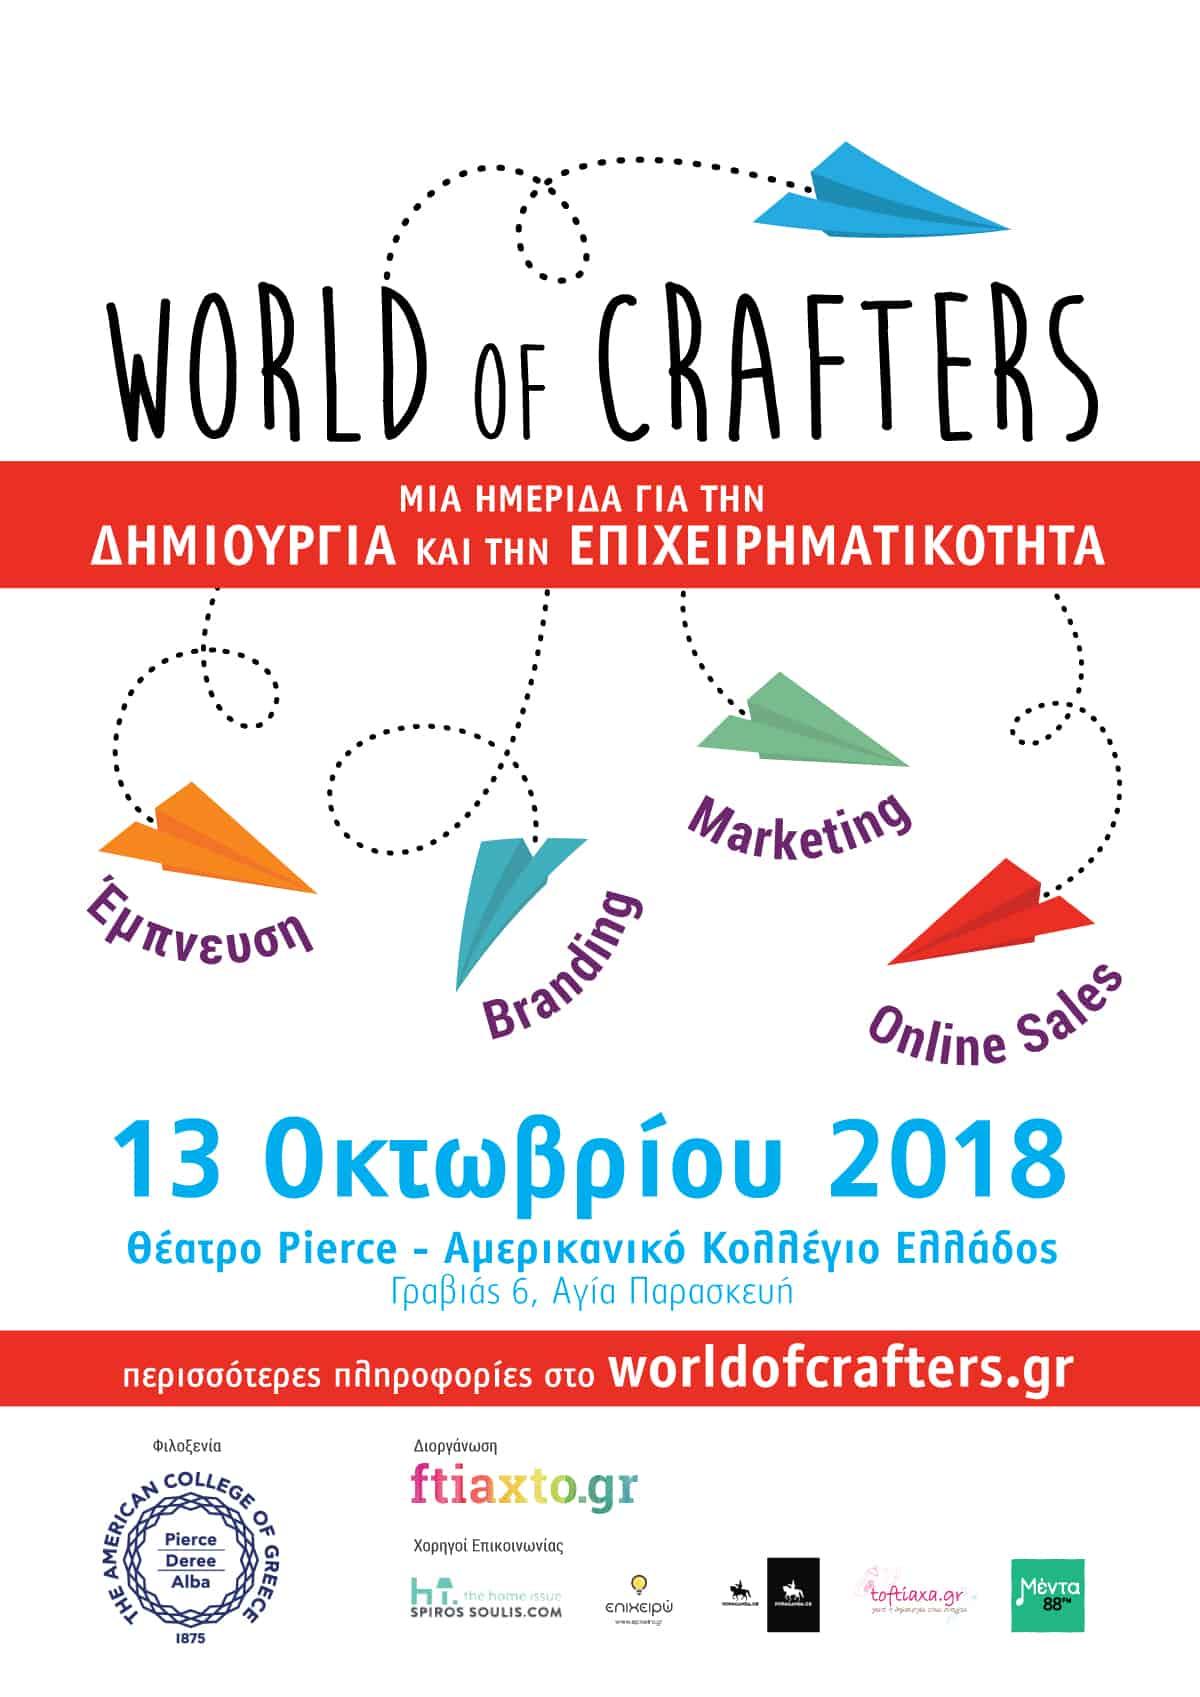 Το πρόγραμμα του World of Crafters 2